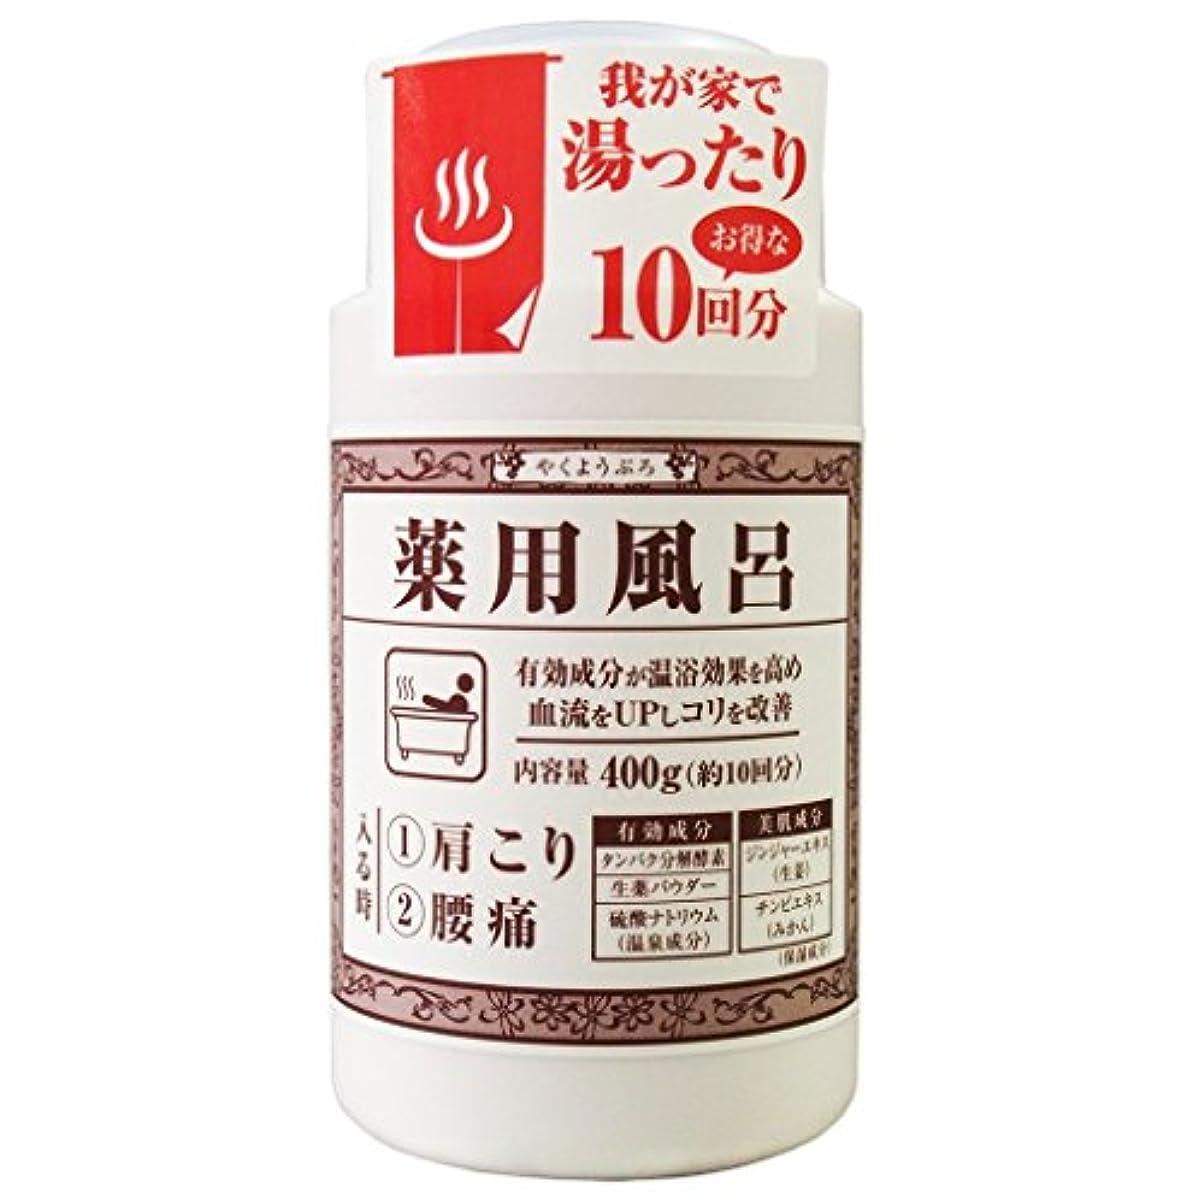 愛情深い入力なだめる薬用風呂KKa 肩こり?腰痛 ボトル 400g(医薬部外品)